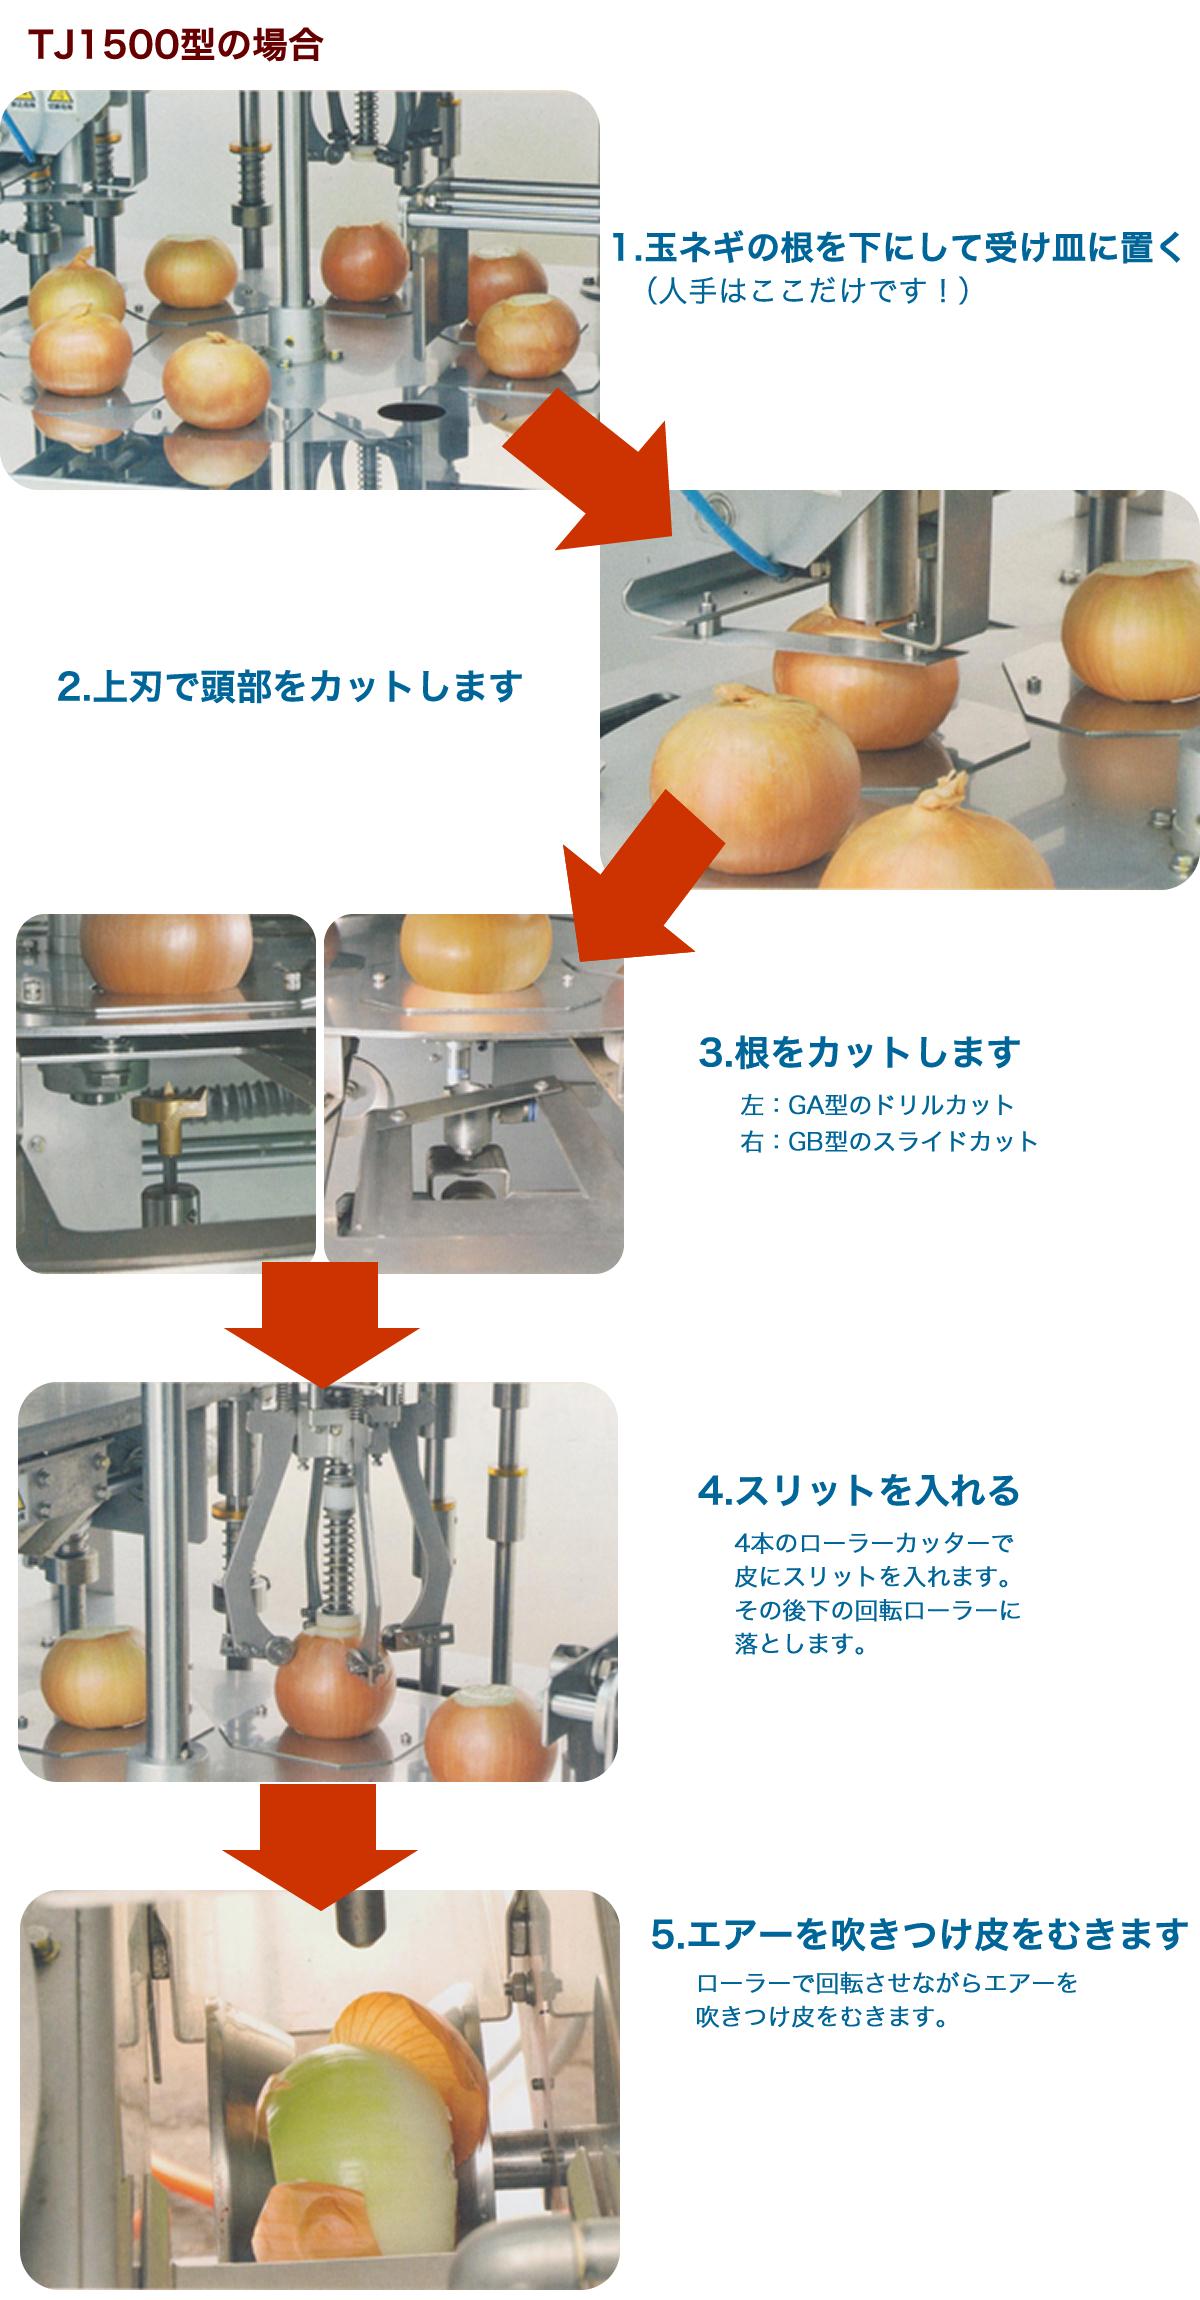 玉ジローの基本的な加工の流れ